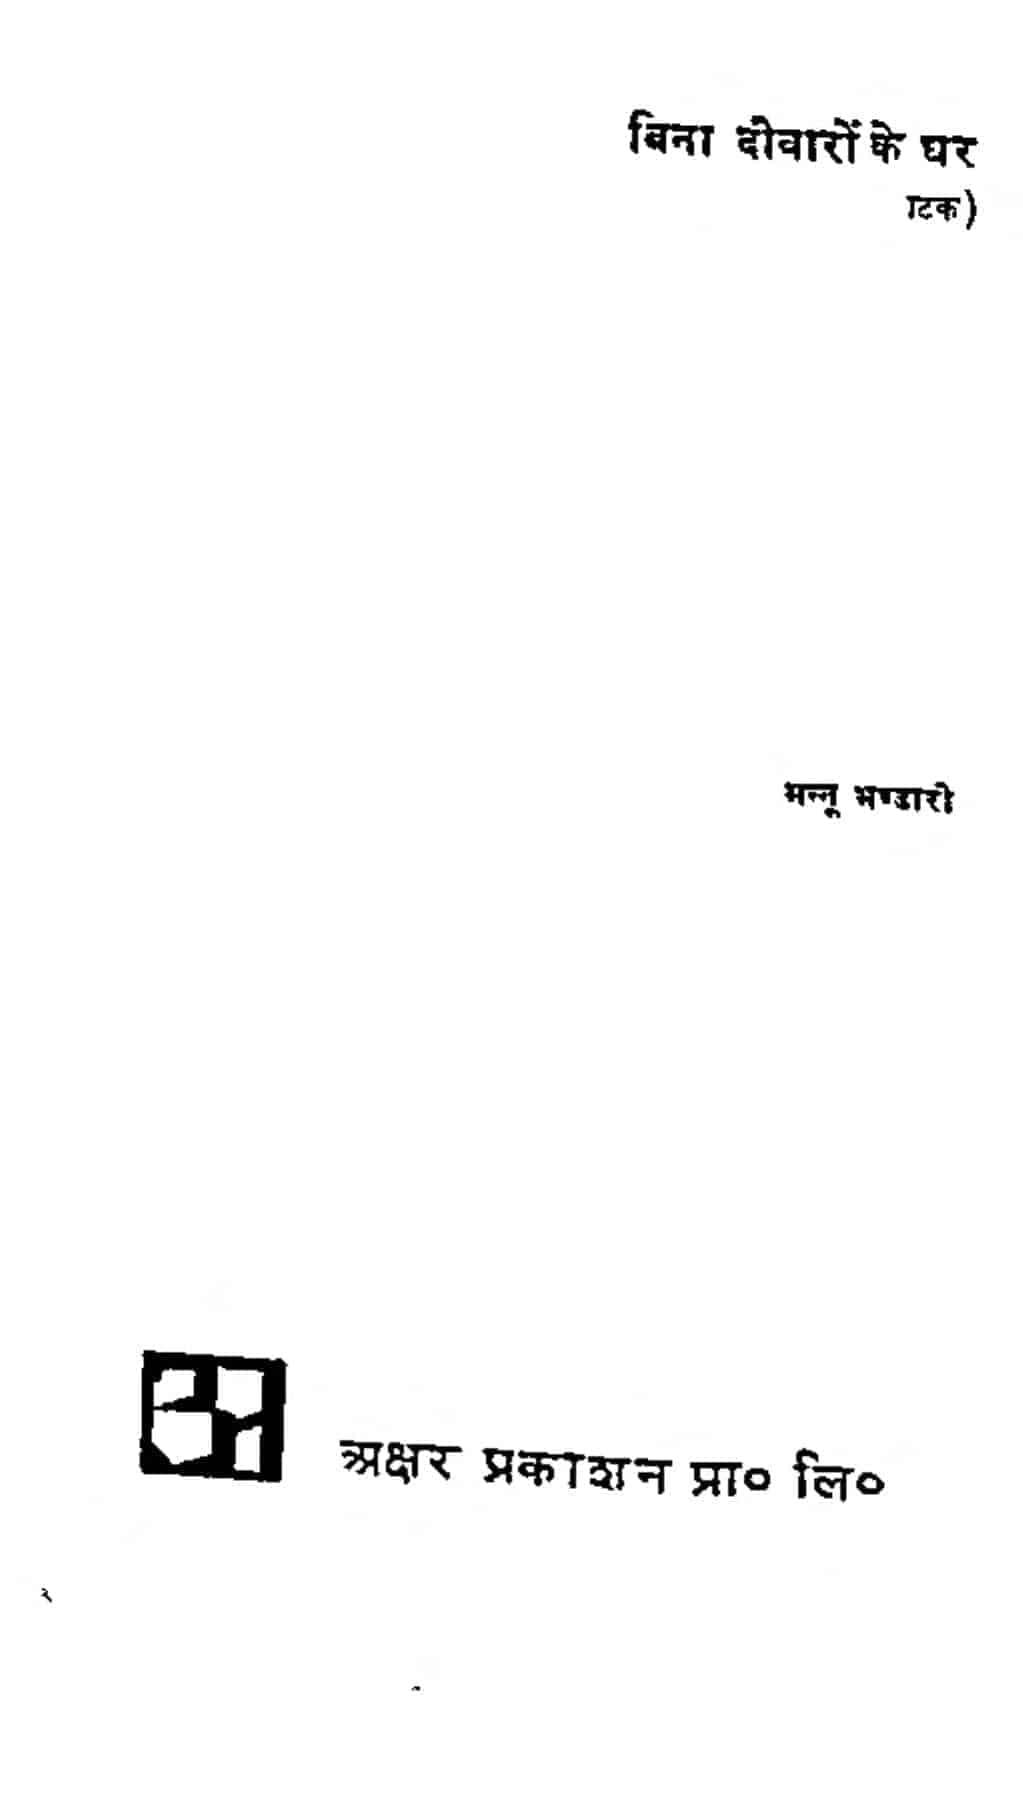 Book Image : बिना दीवारों के घर - Bina Deevaro Ke Ghar